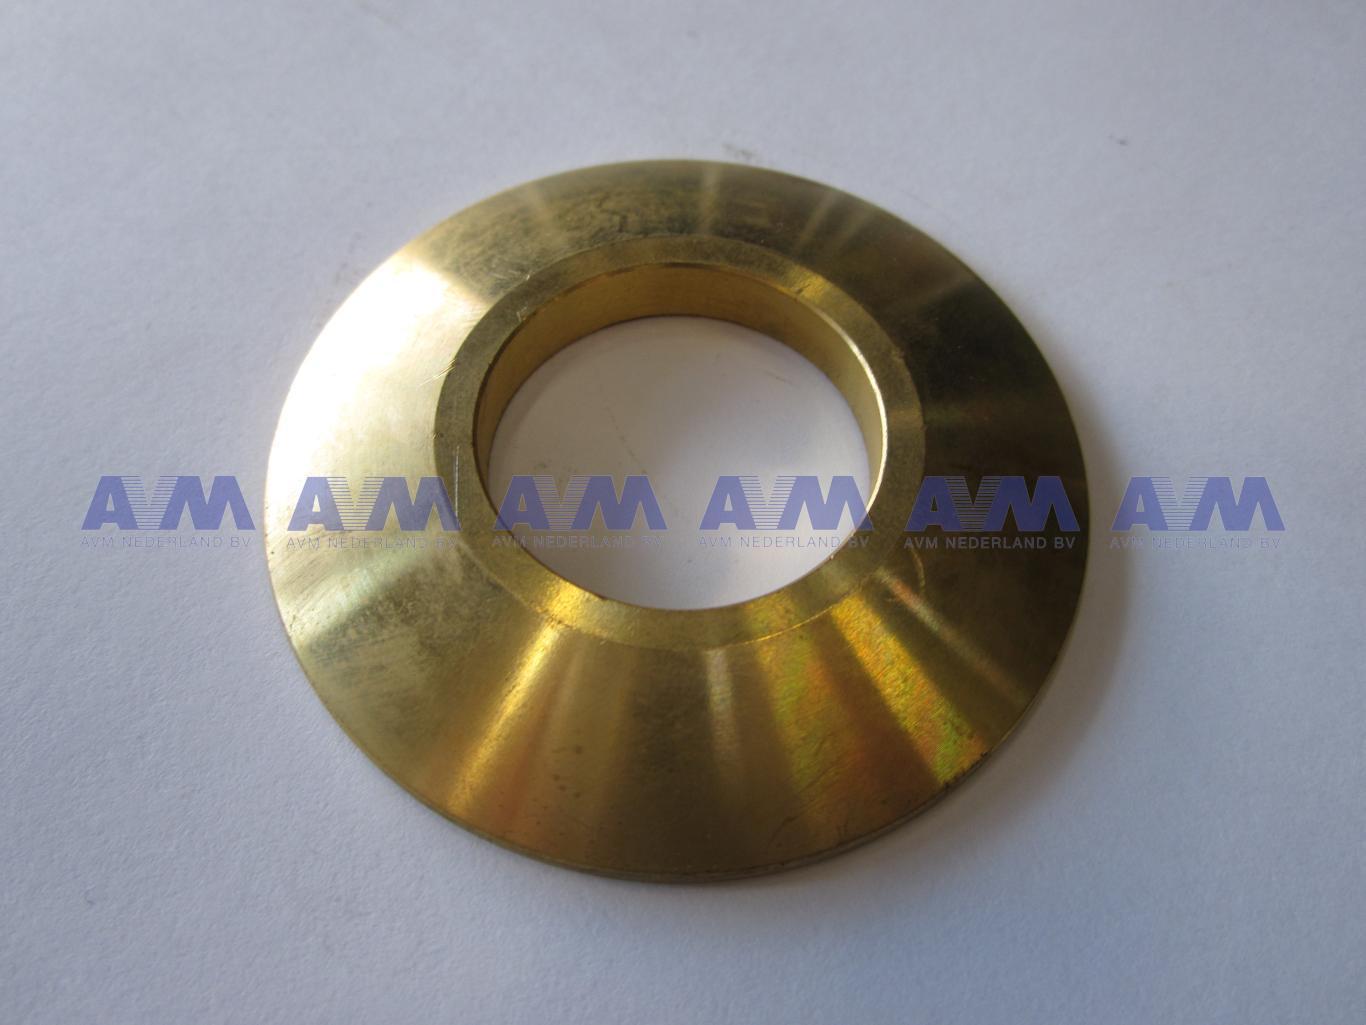 Aanloopschijf brons gebruikt 8391750-G Tadano Demag